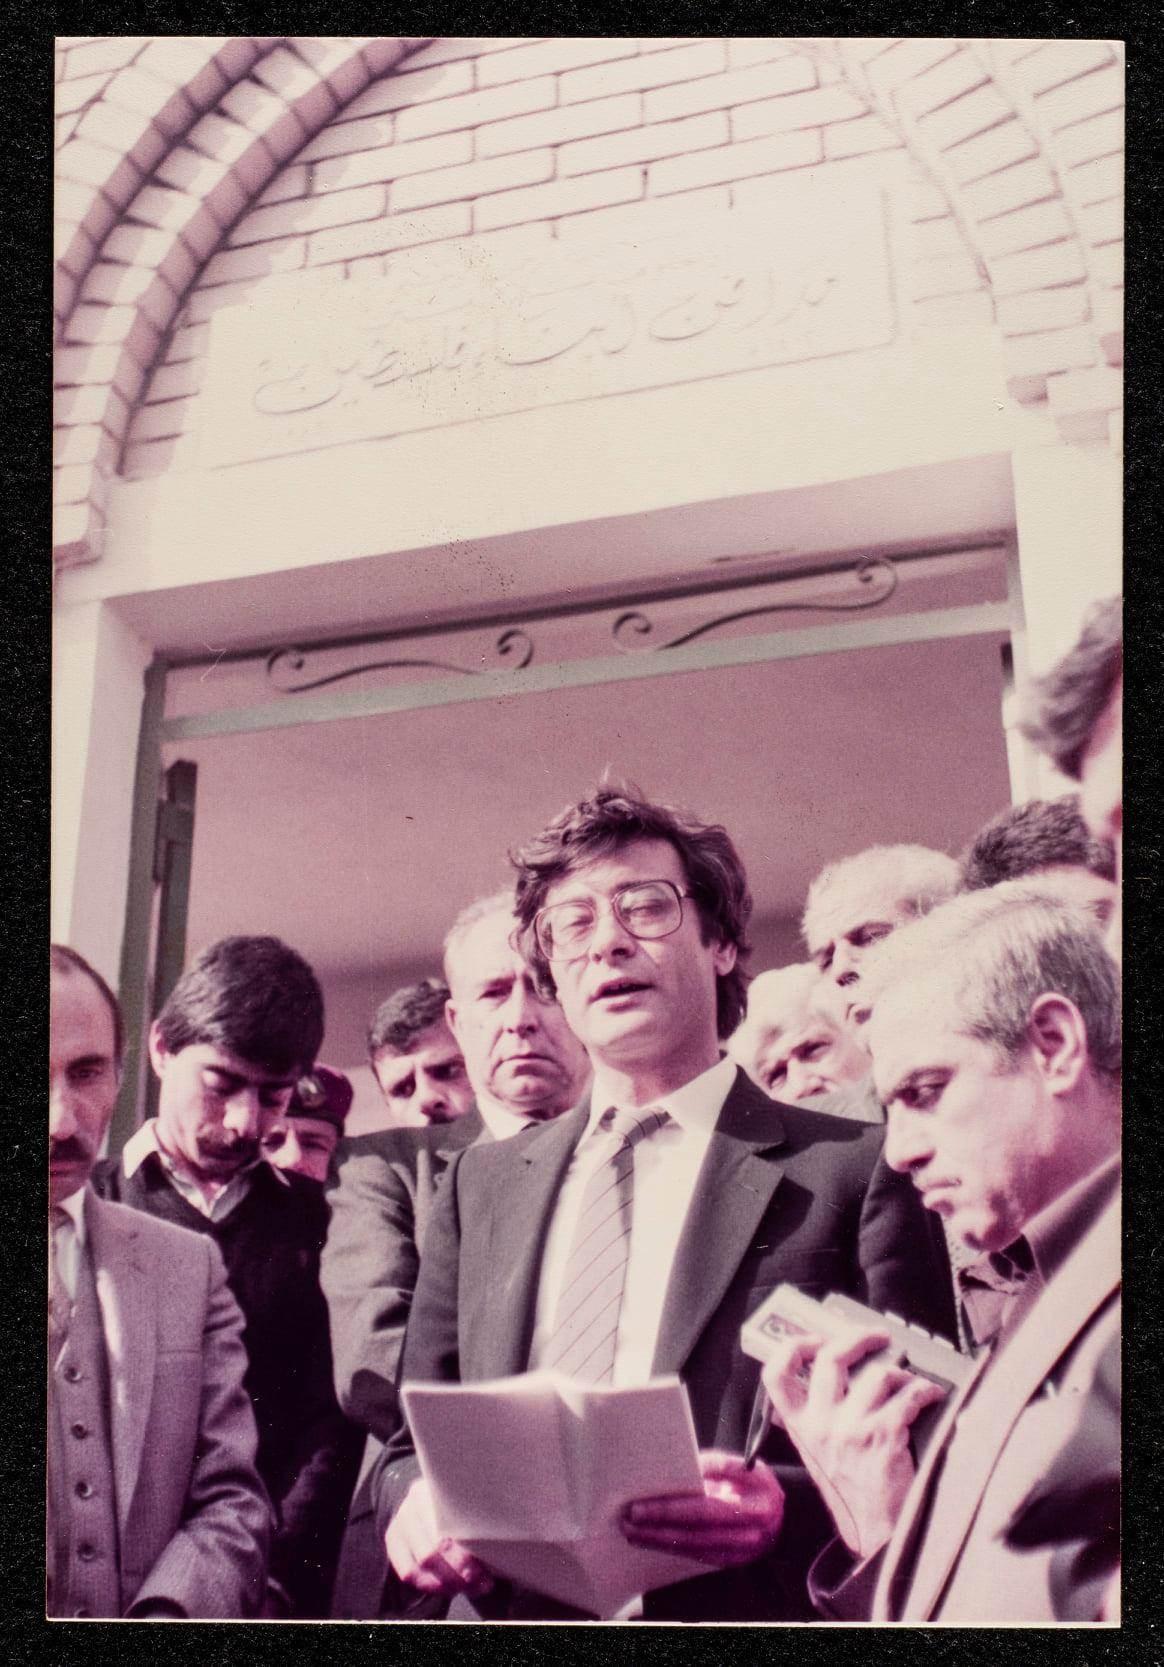 درويش وهو يلقي خطاباً خلال مراسم تشييع جثمان الشاعر الفلسطيني معين بسيسو (1984) -أرشيف المتحف الفلسطيني الرقمي